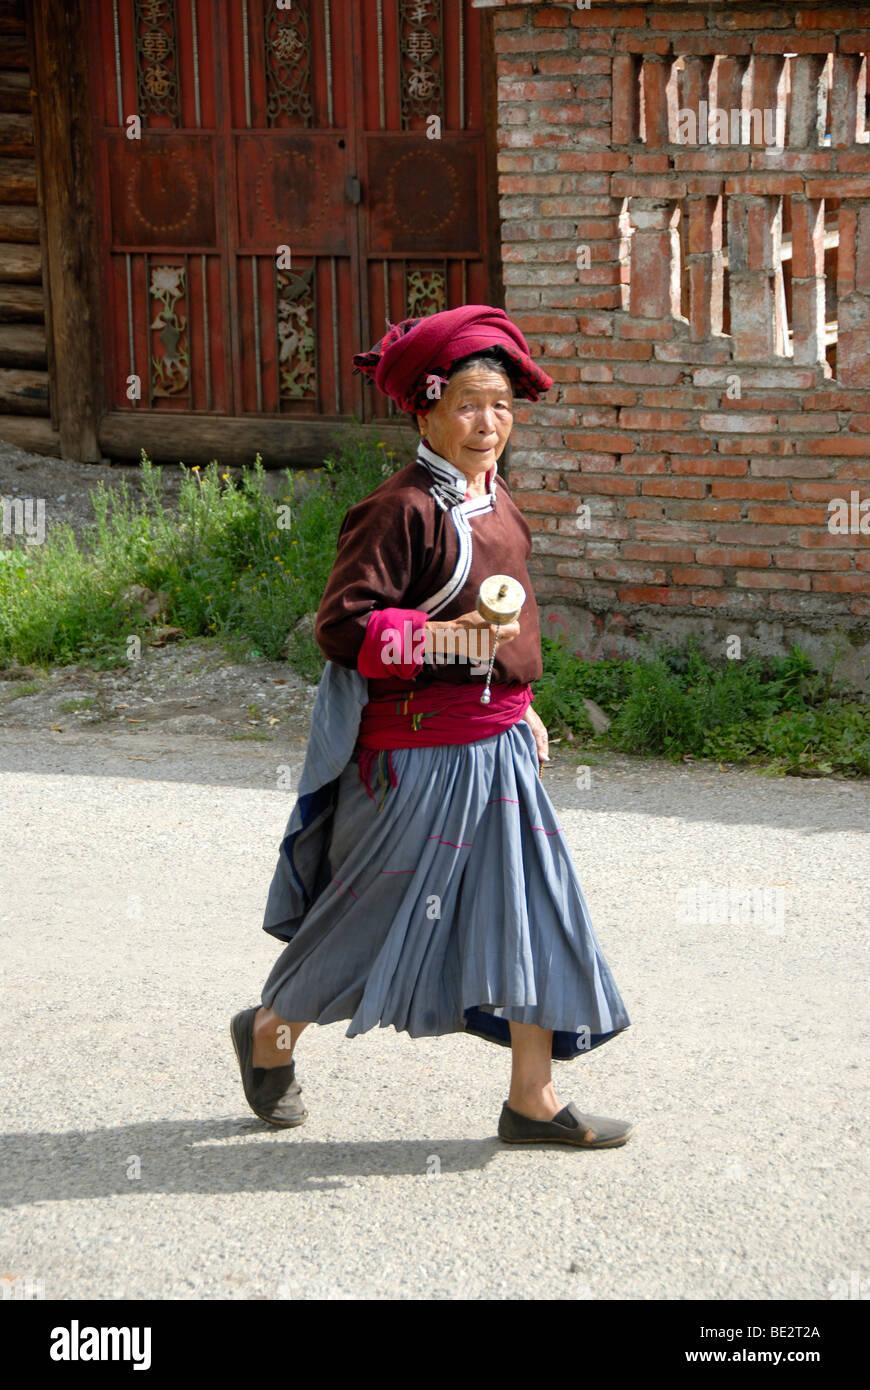 Tibetischen Buddhismus, Ethnologie, Frau von der Ethnie Mosu gekleidet in traditionellen Kostümen eine Gebetsmühle, Stockbild